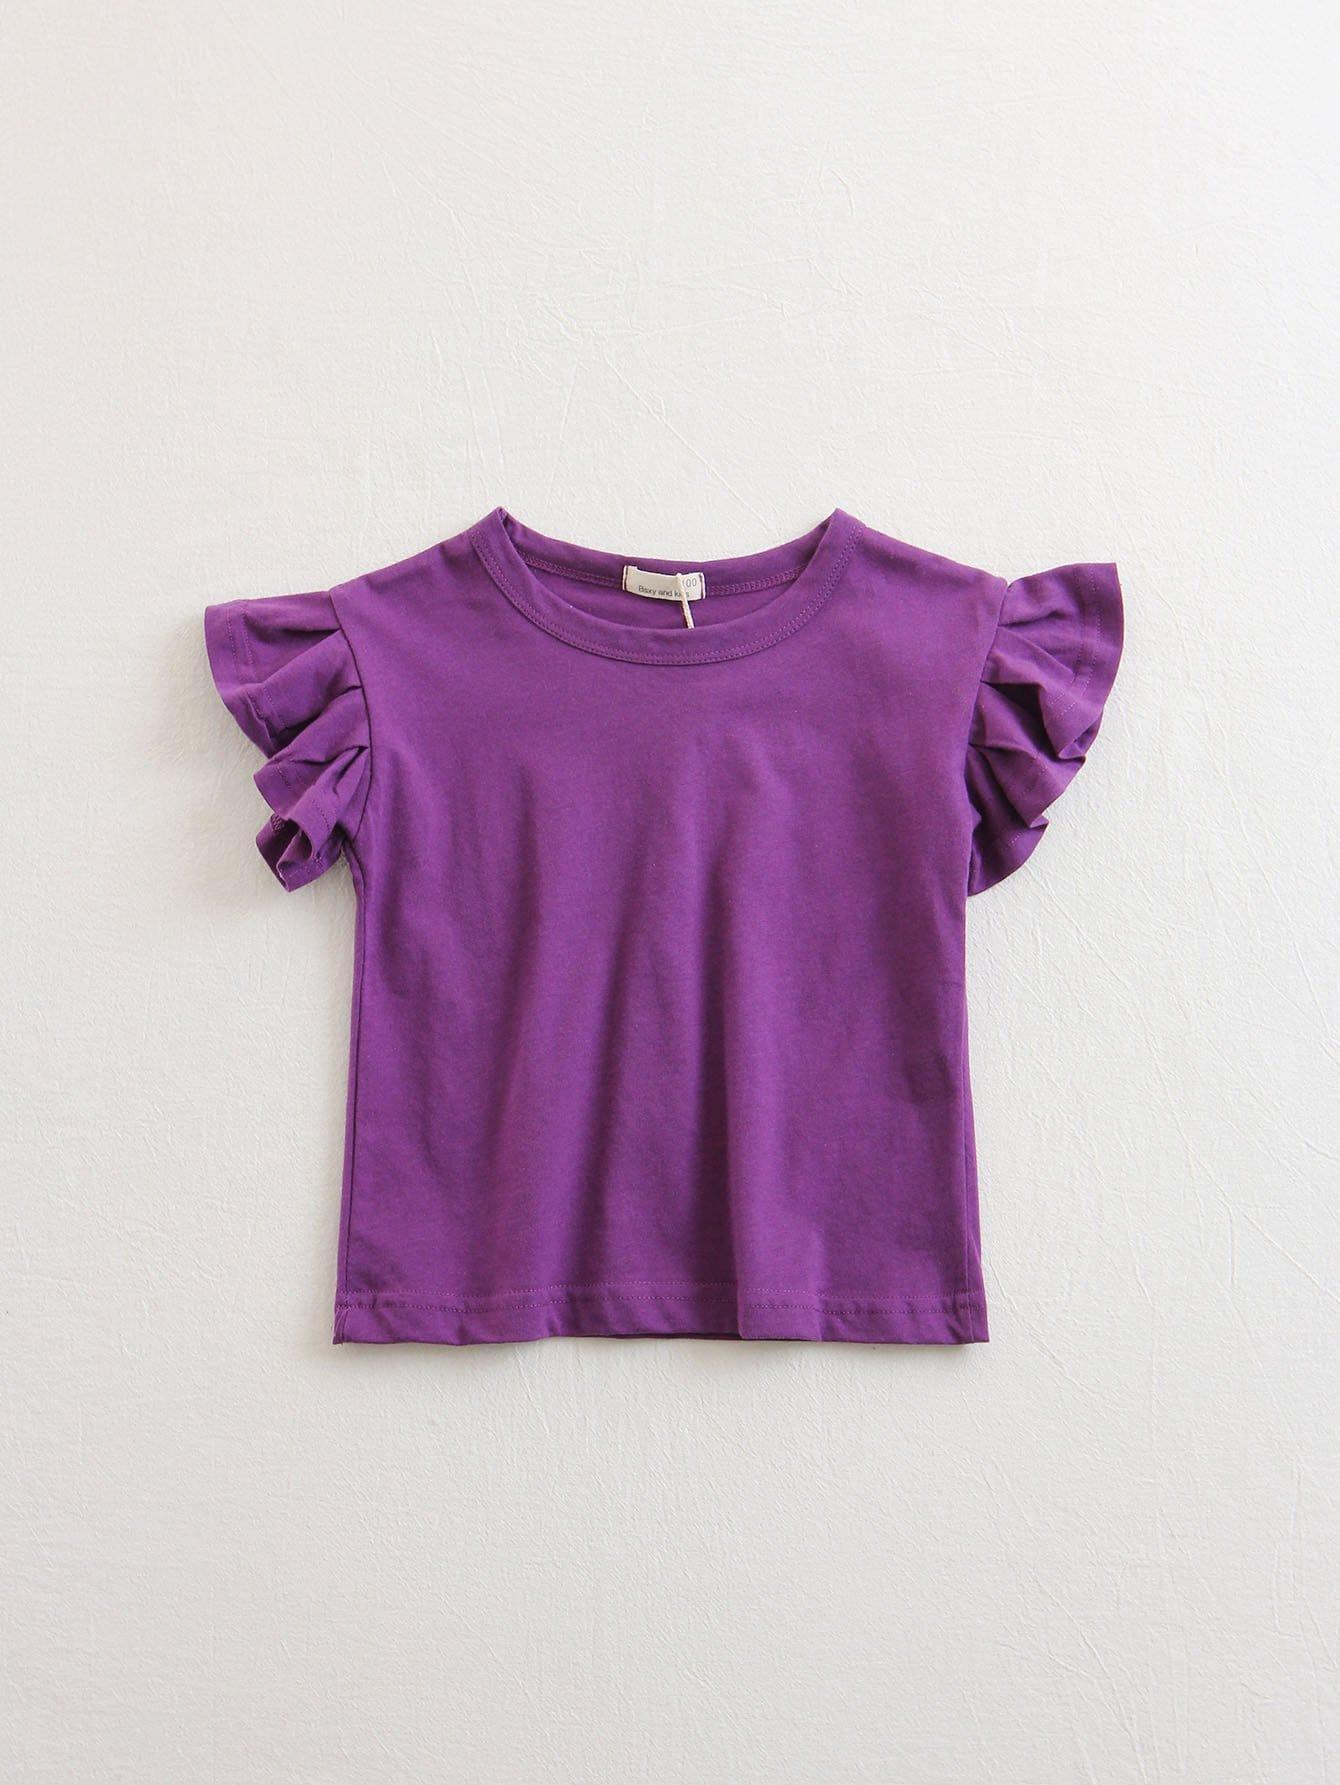 Ruffle Trim Solid T-shirt asymmetrical ruffle trim t shirt